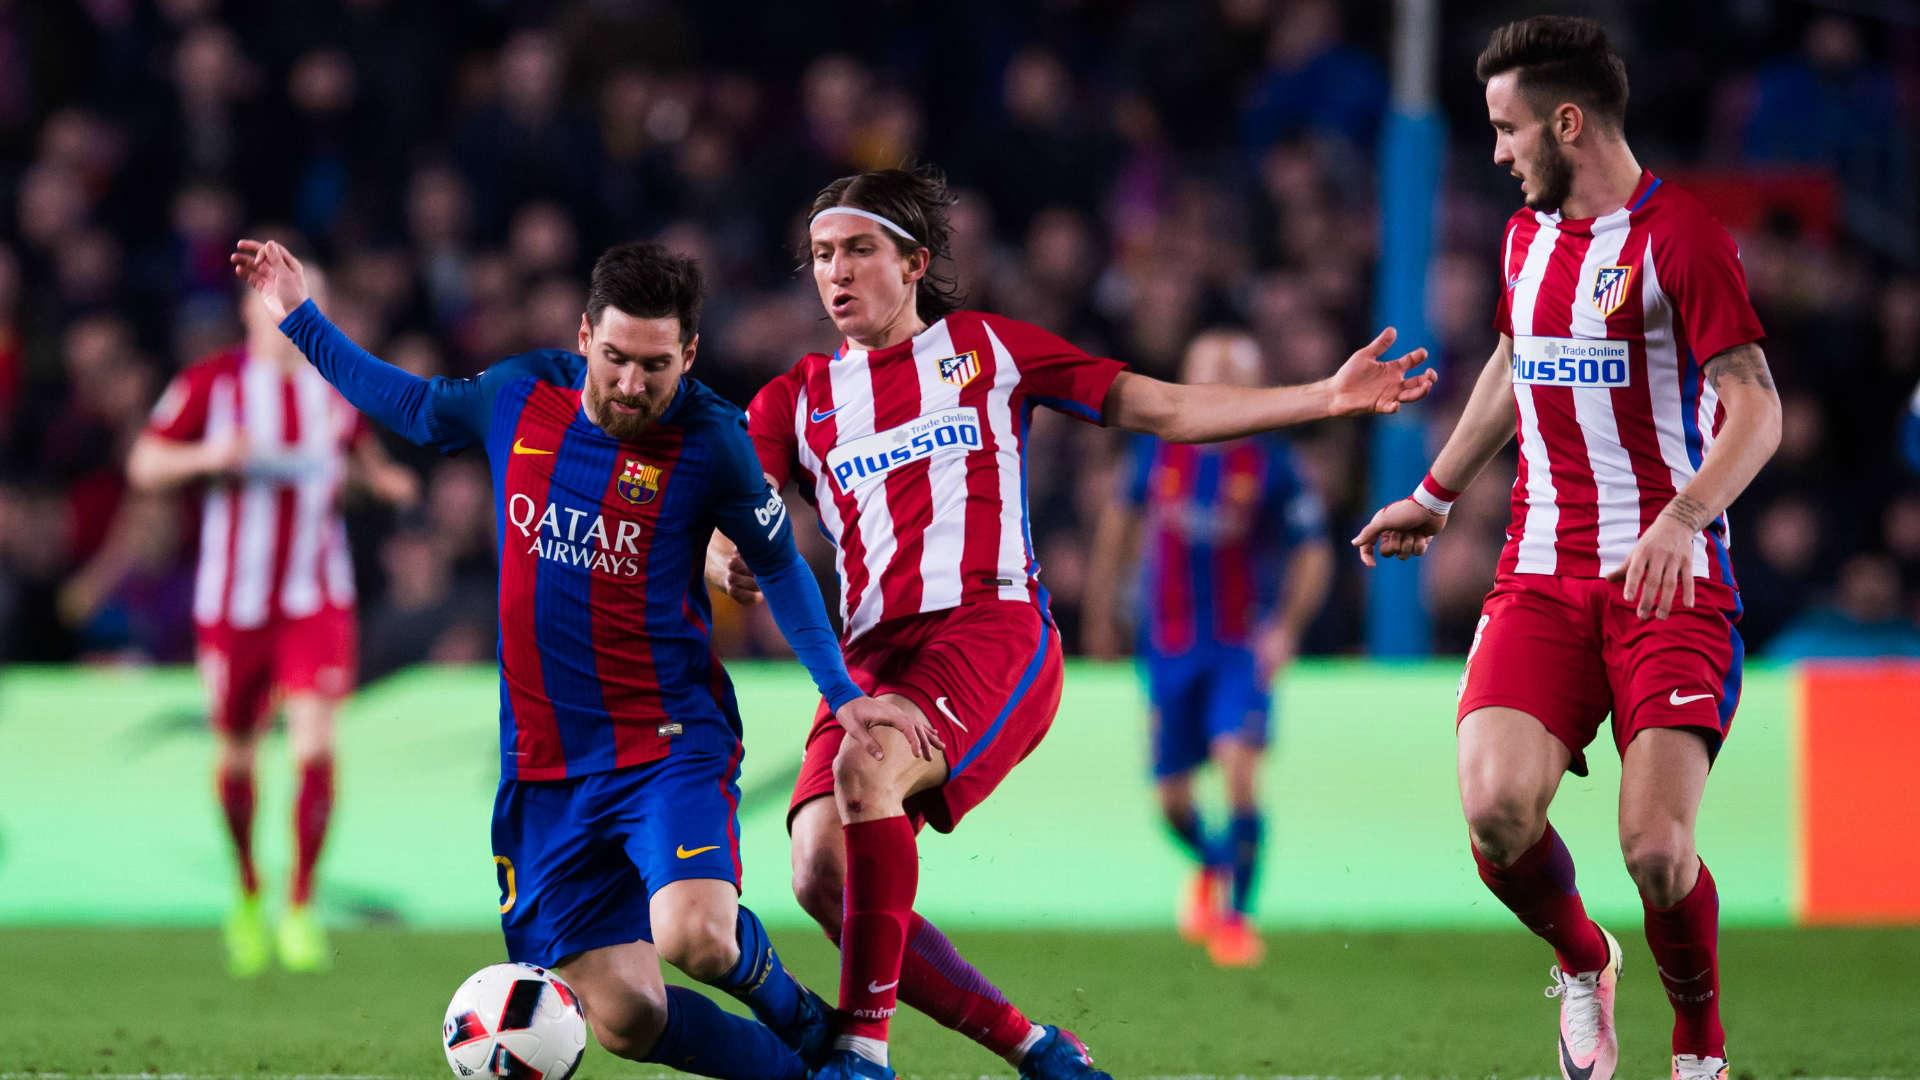 Barca vs Atlético Madrid đêm nay 15/10/2017 VĐQG Tây Ban Nha La Liga